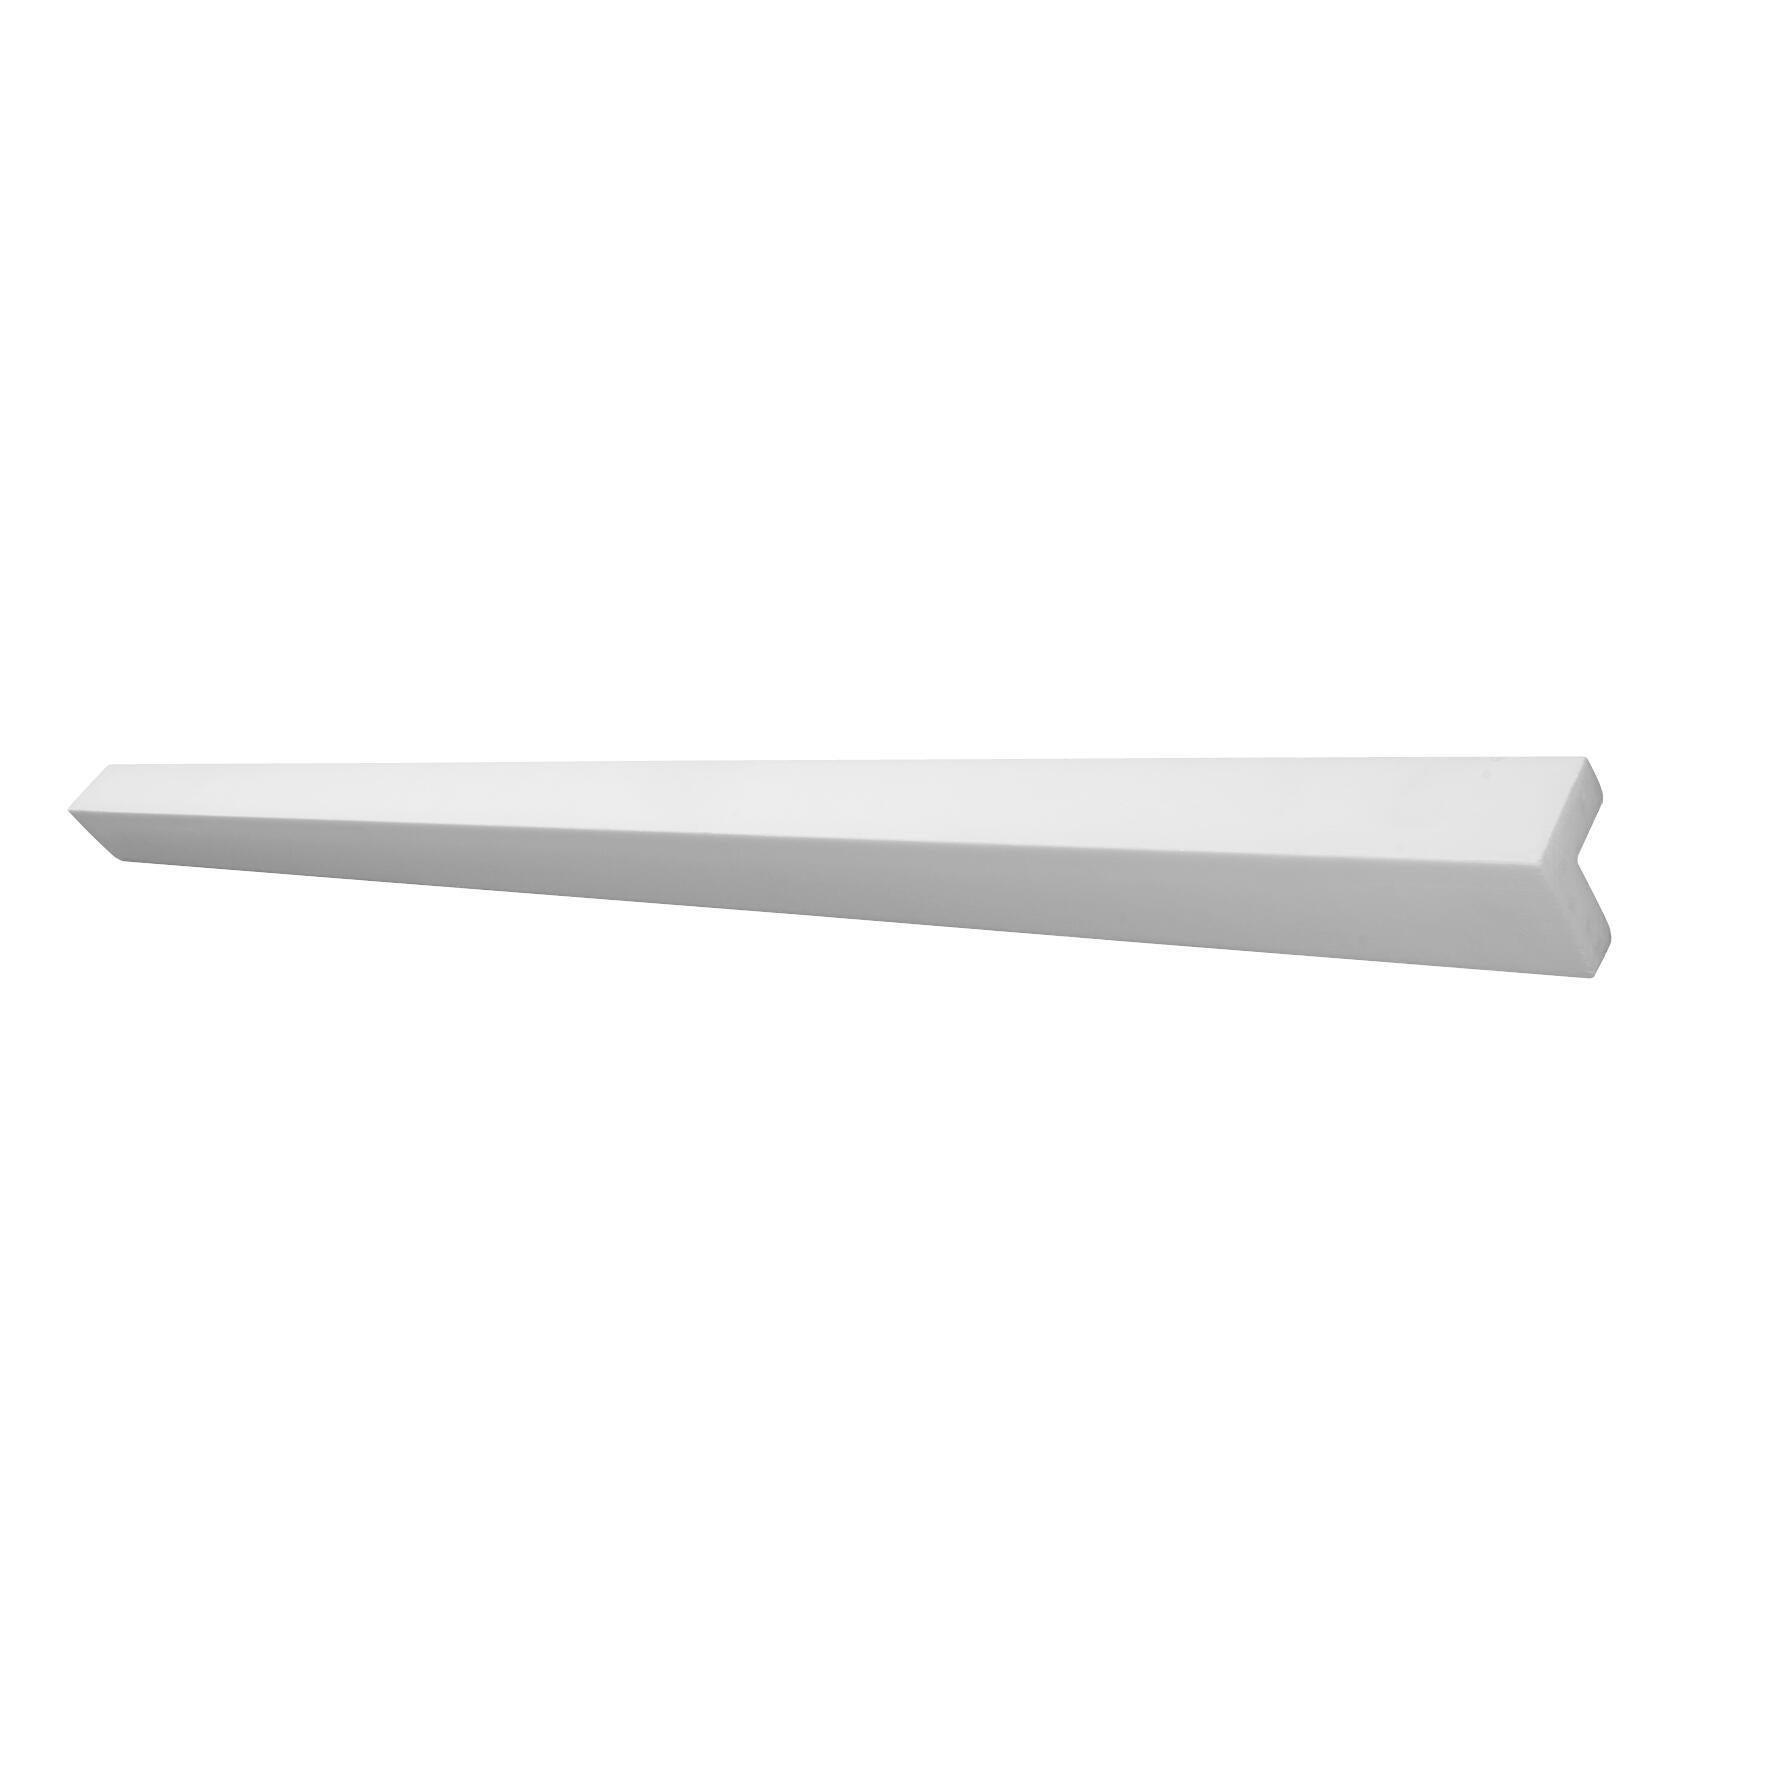 Cornice in polistirene estruso DECOSA Cable duct KP25 3 x 200 cm